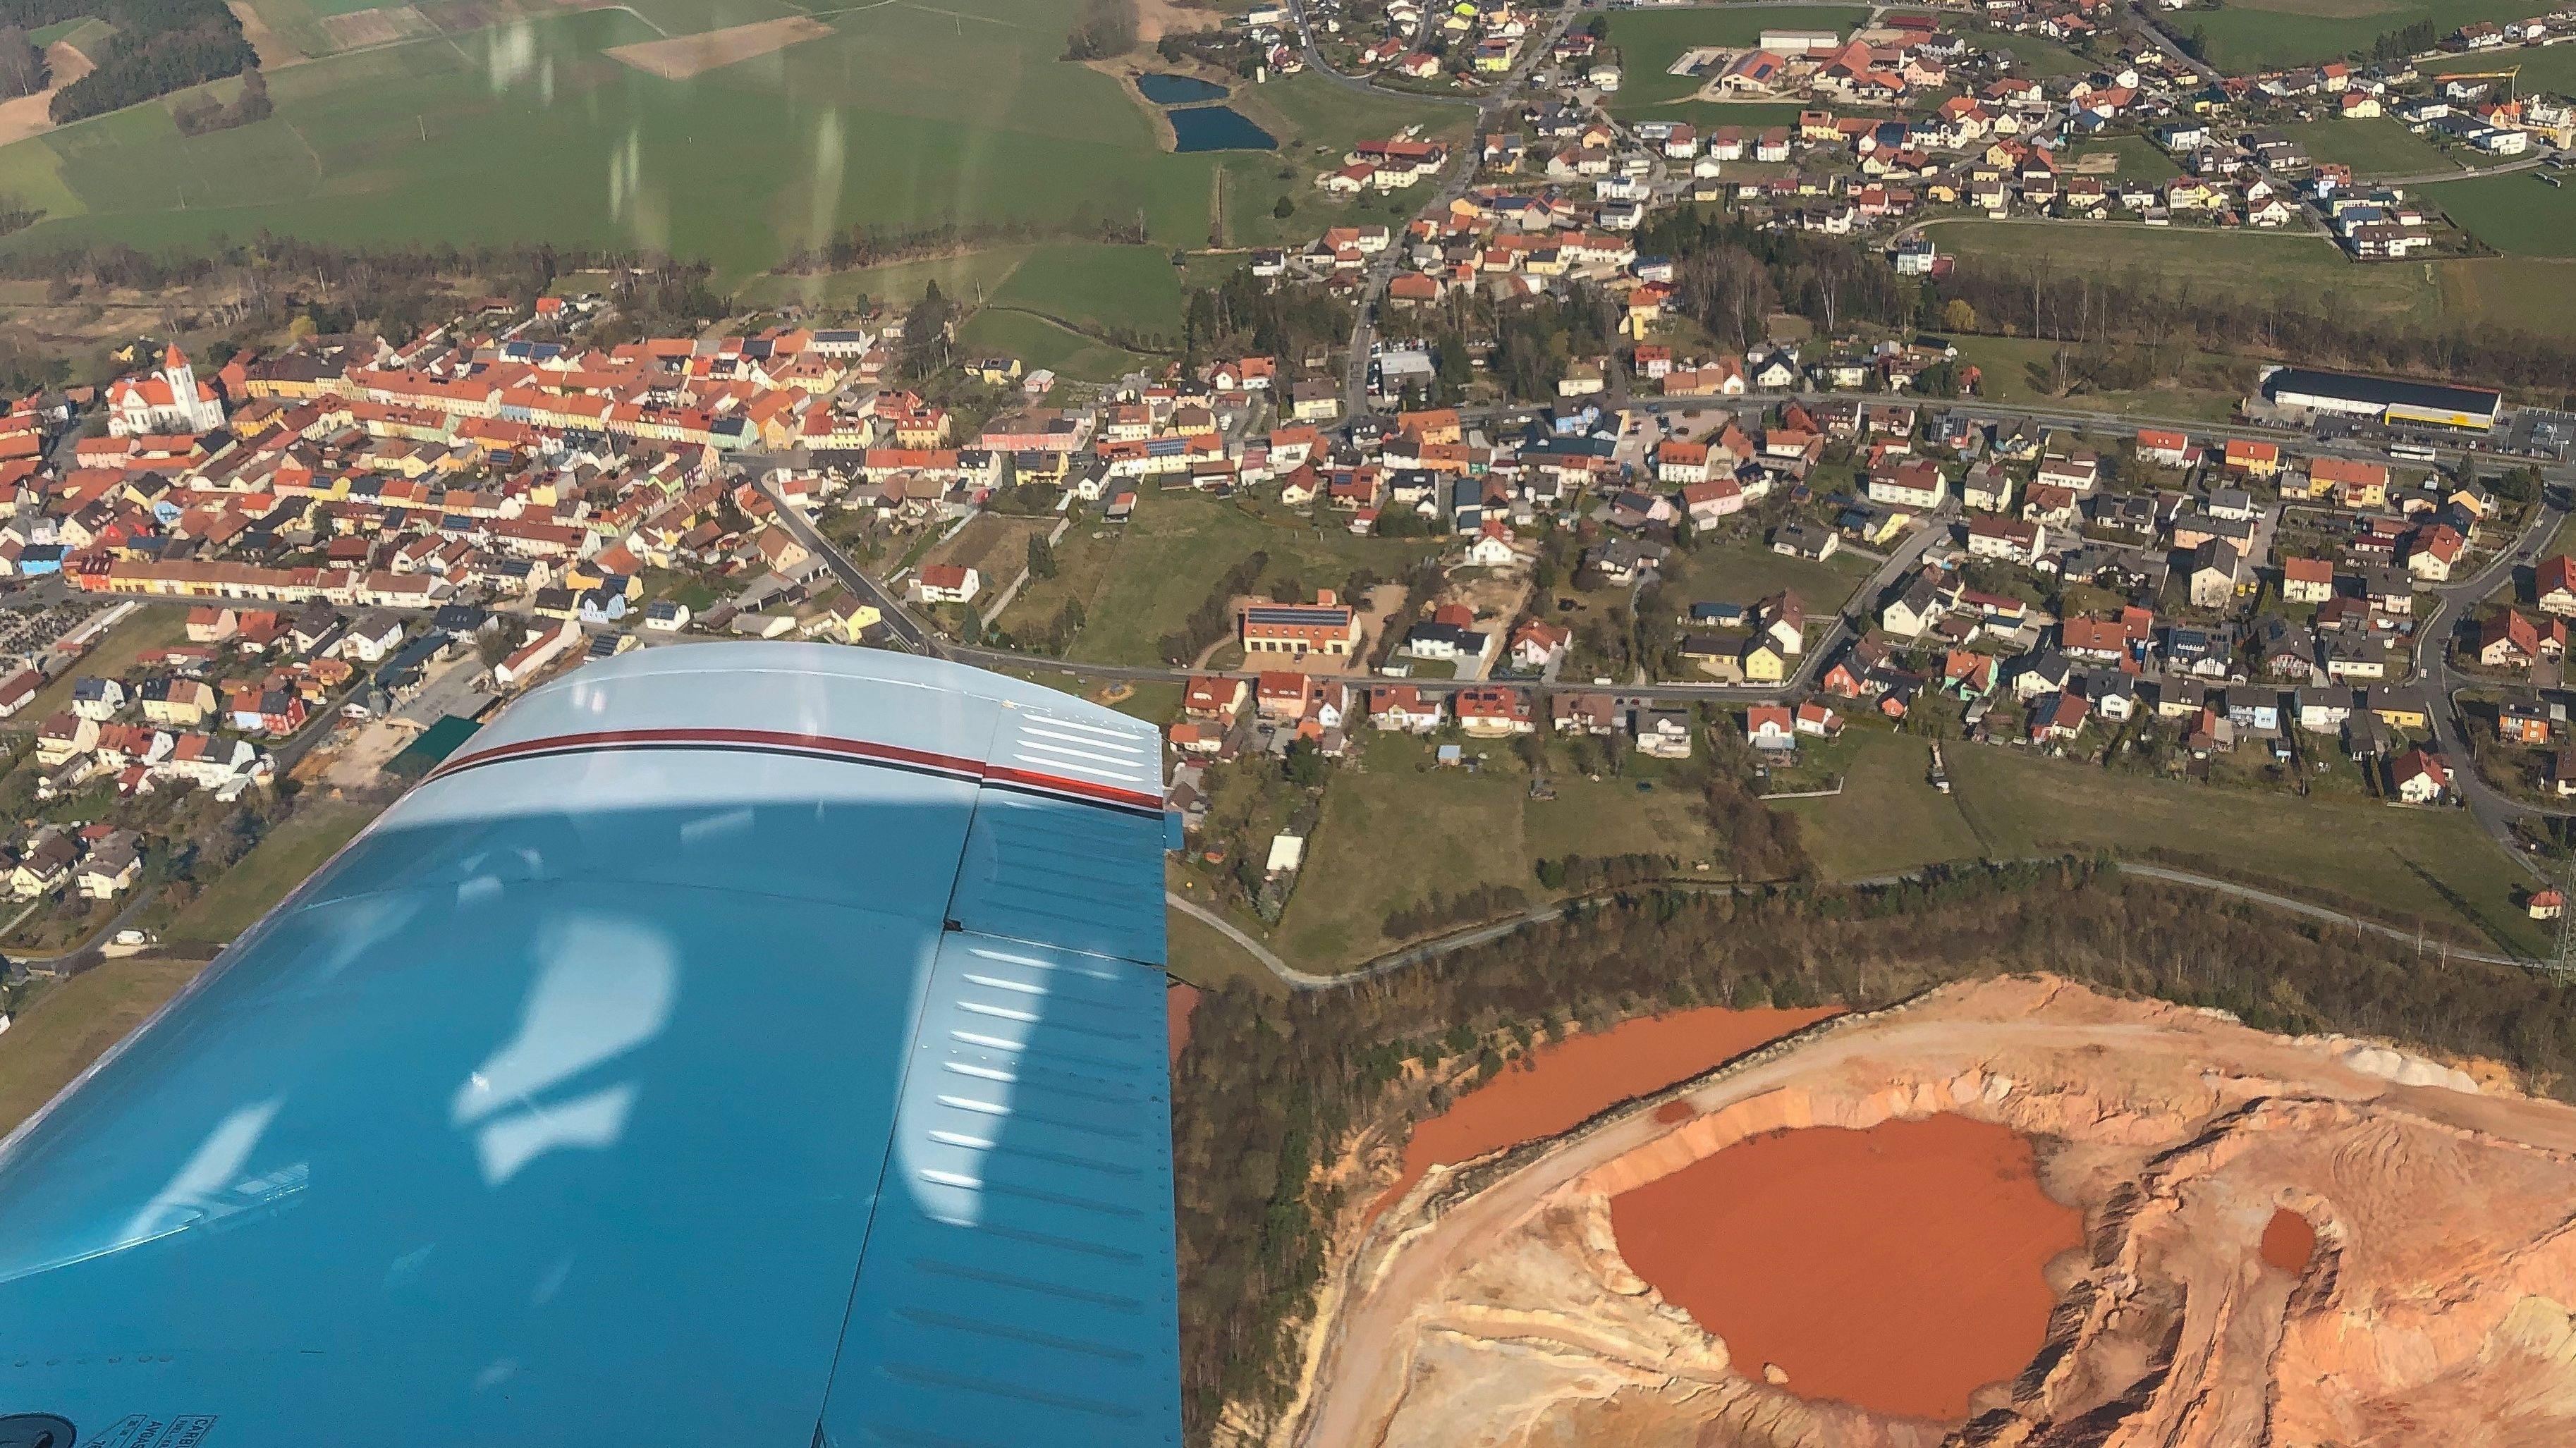 Blick aus einem Flugzeug bei der Luftbeobachtung